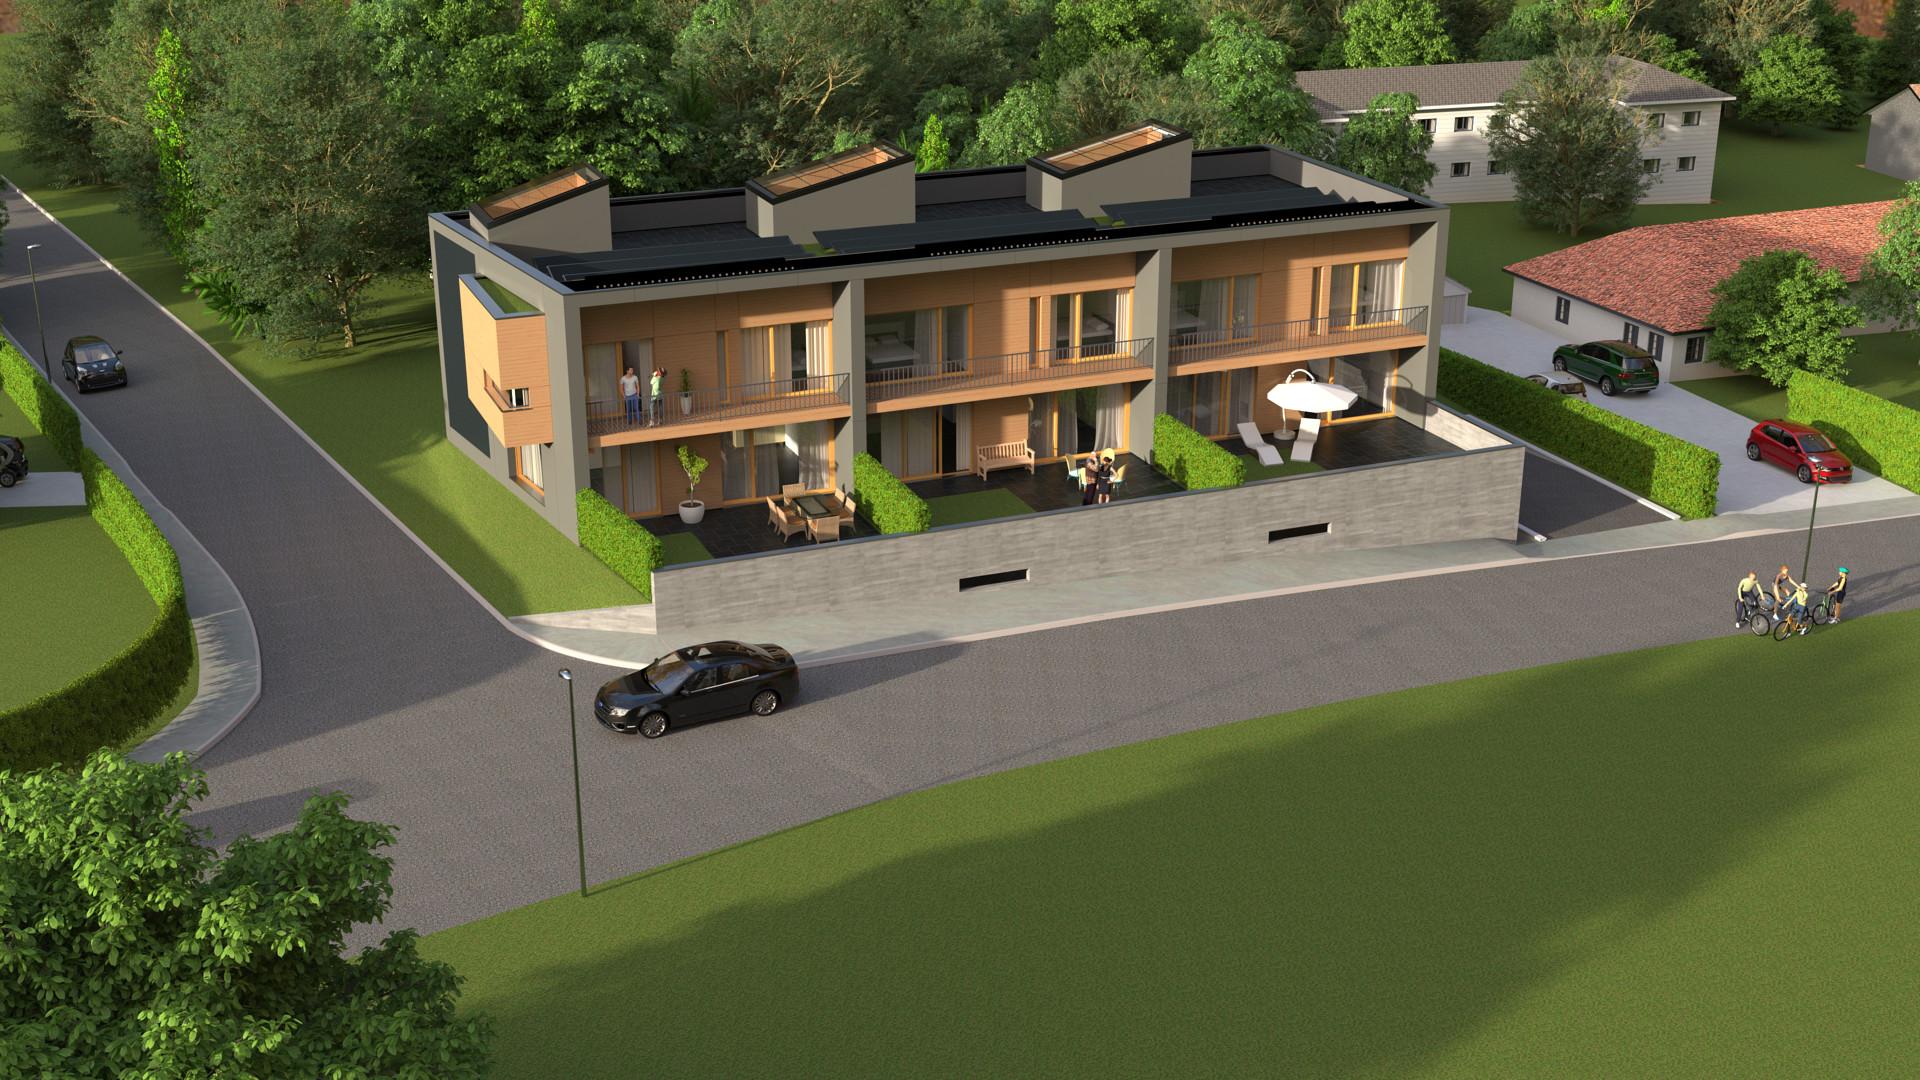 Duane kemp 12 exterior sw corner far arial 02